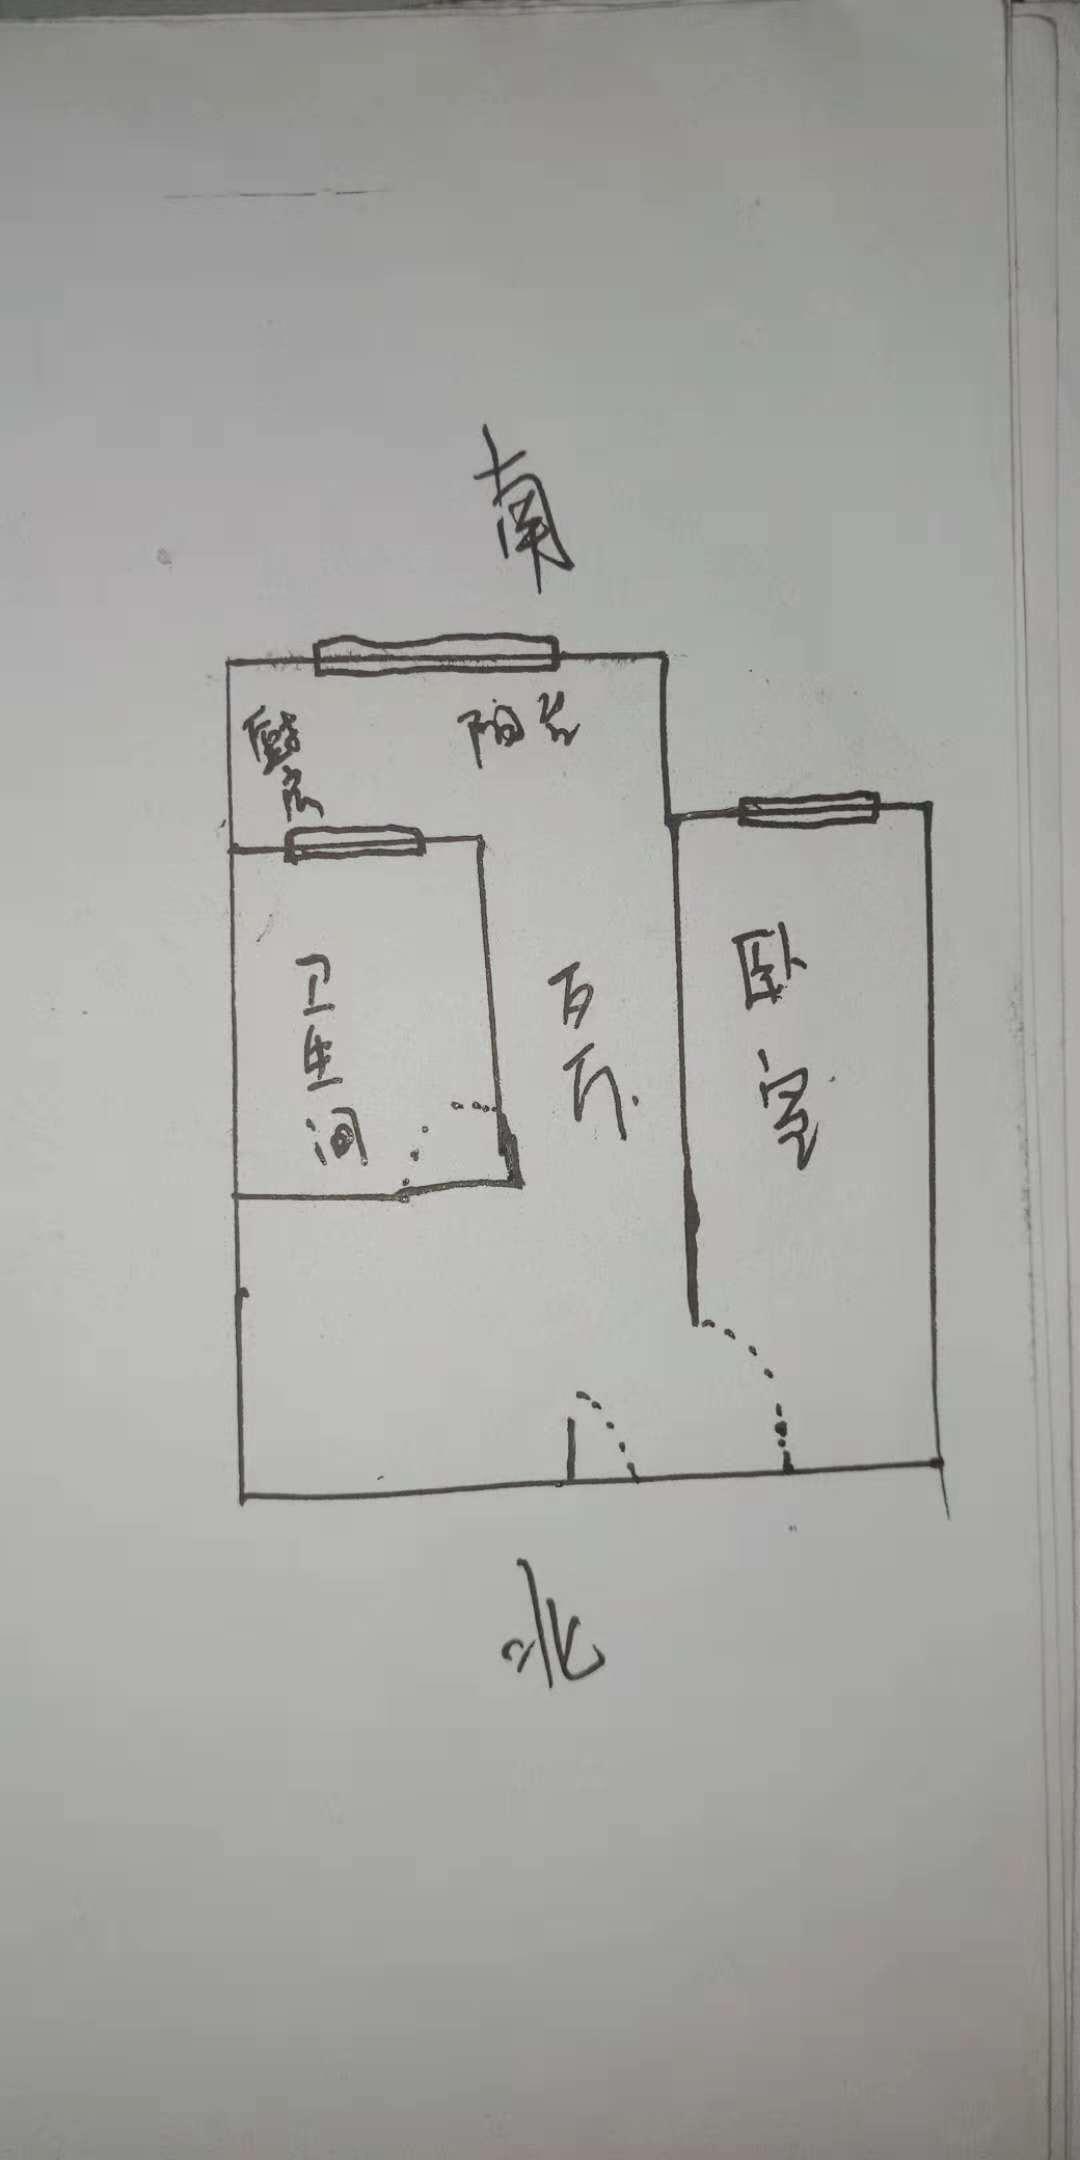 基础局宿舍 1室1厅 2楼